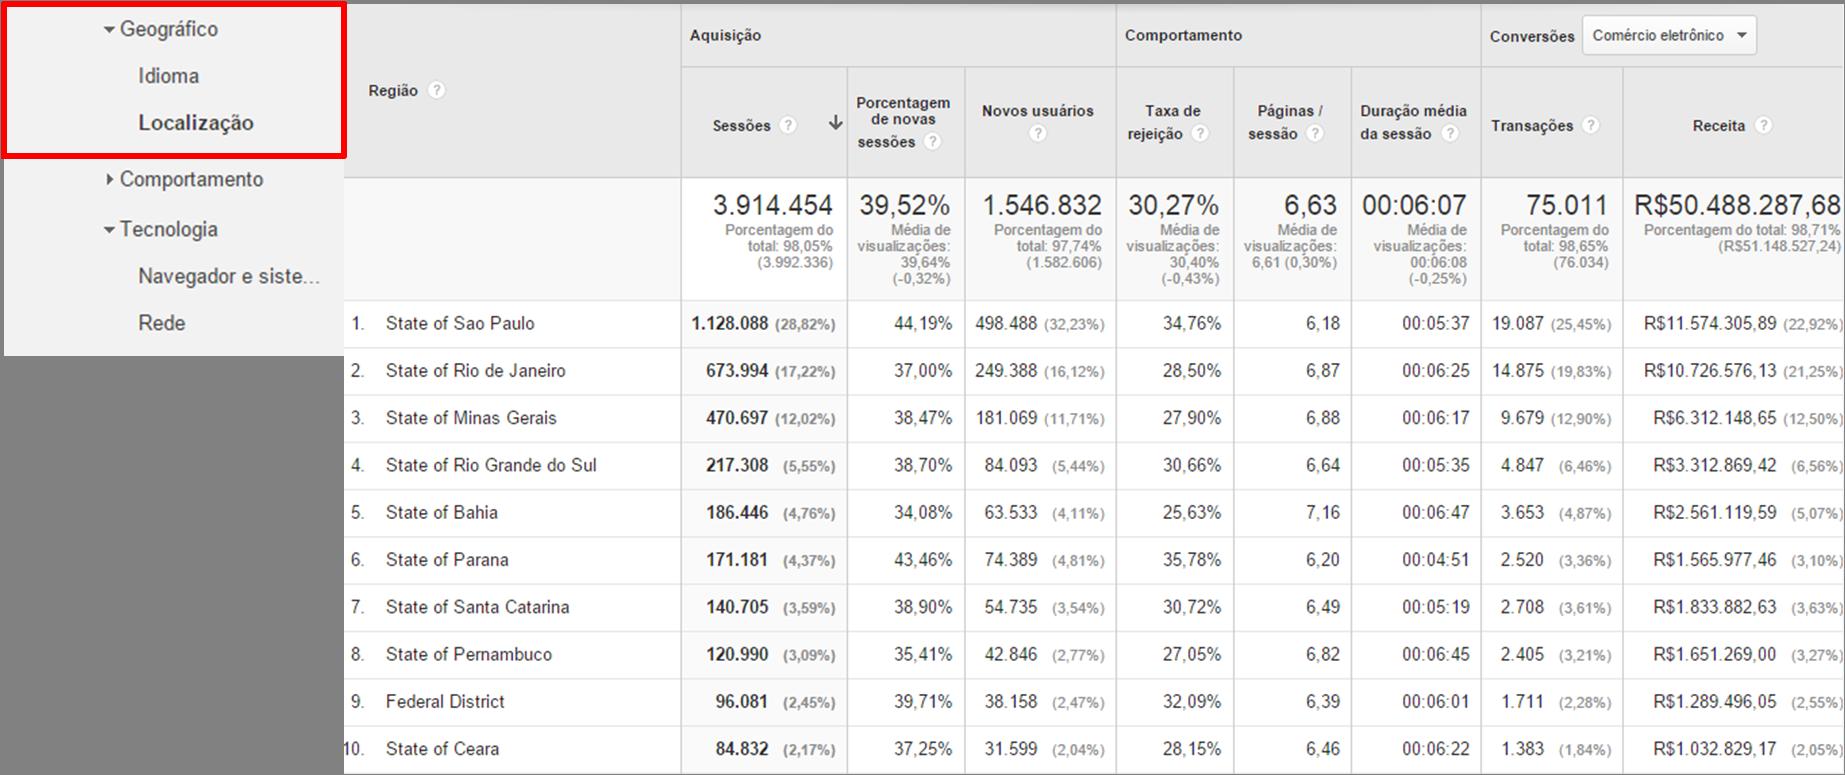 relatorio-de-geografia-do-google-analytics1.png